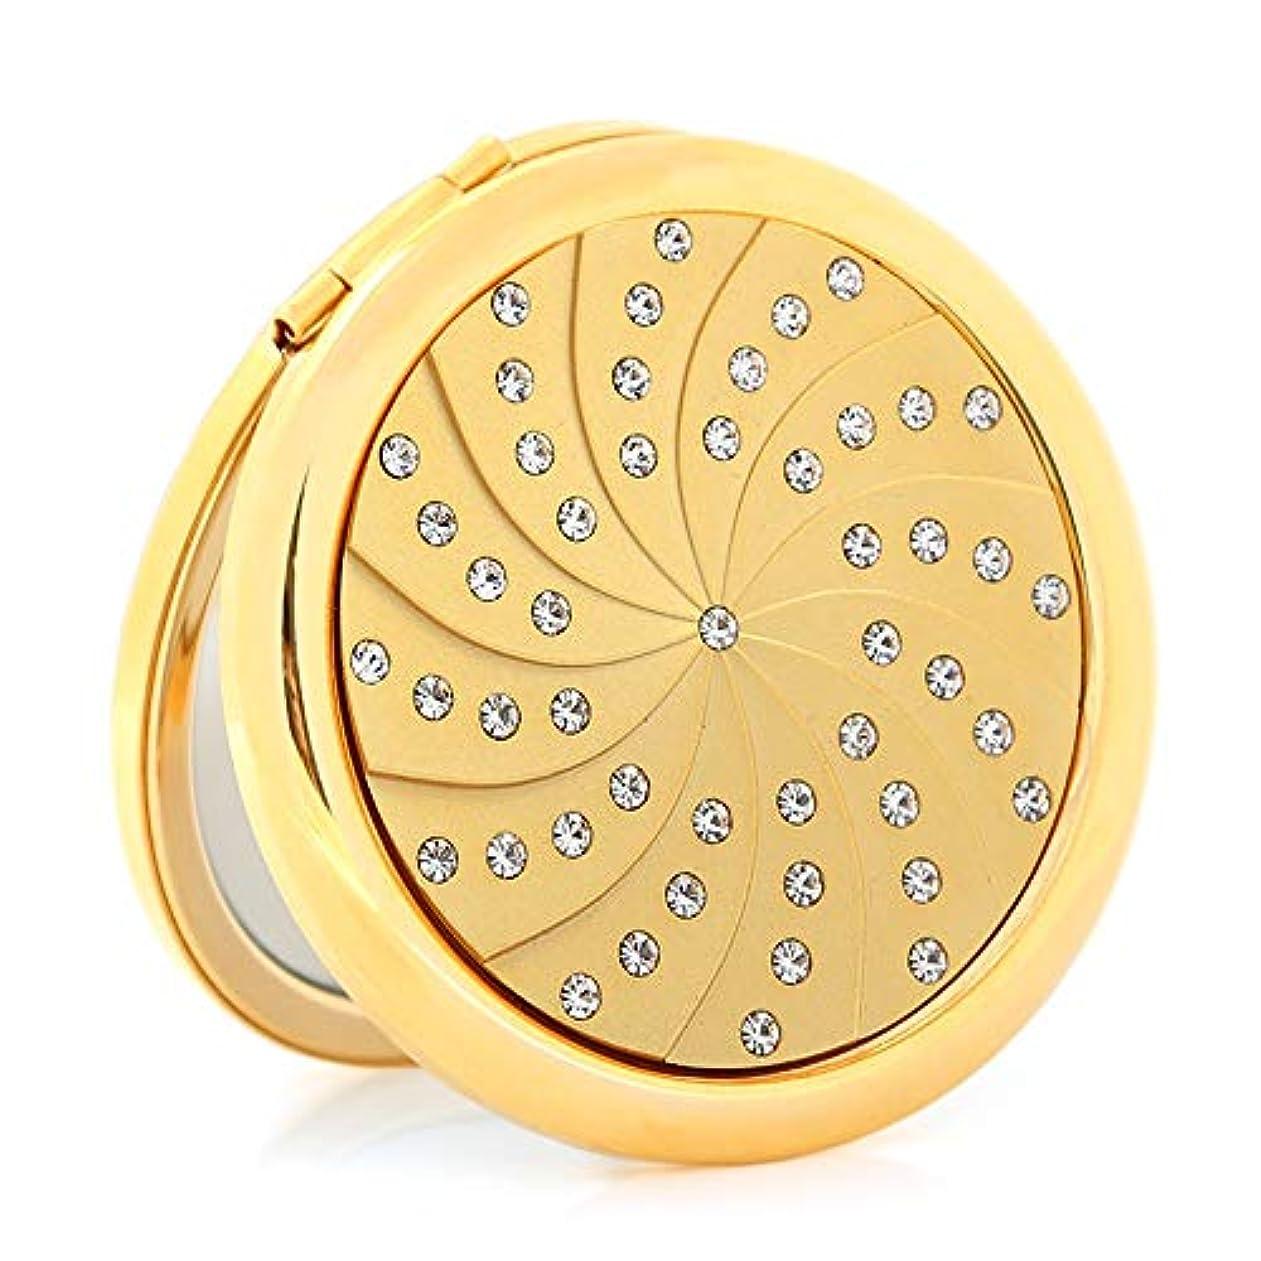 リアル促す慣れる流行の 金メッキダイヤモンド小さなミラーポータブル折りたたみ両面ポータブルミラーパーソナライズされた誕生日プレゼント